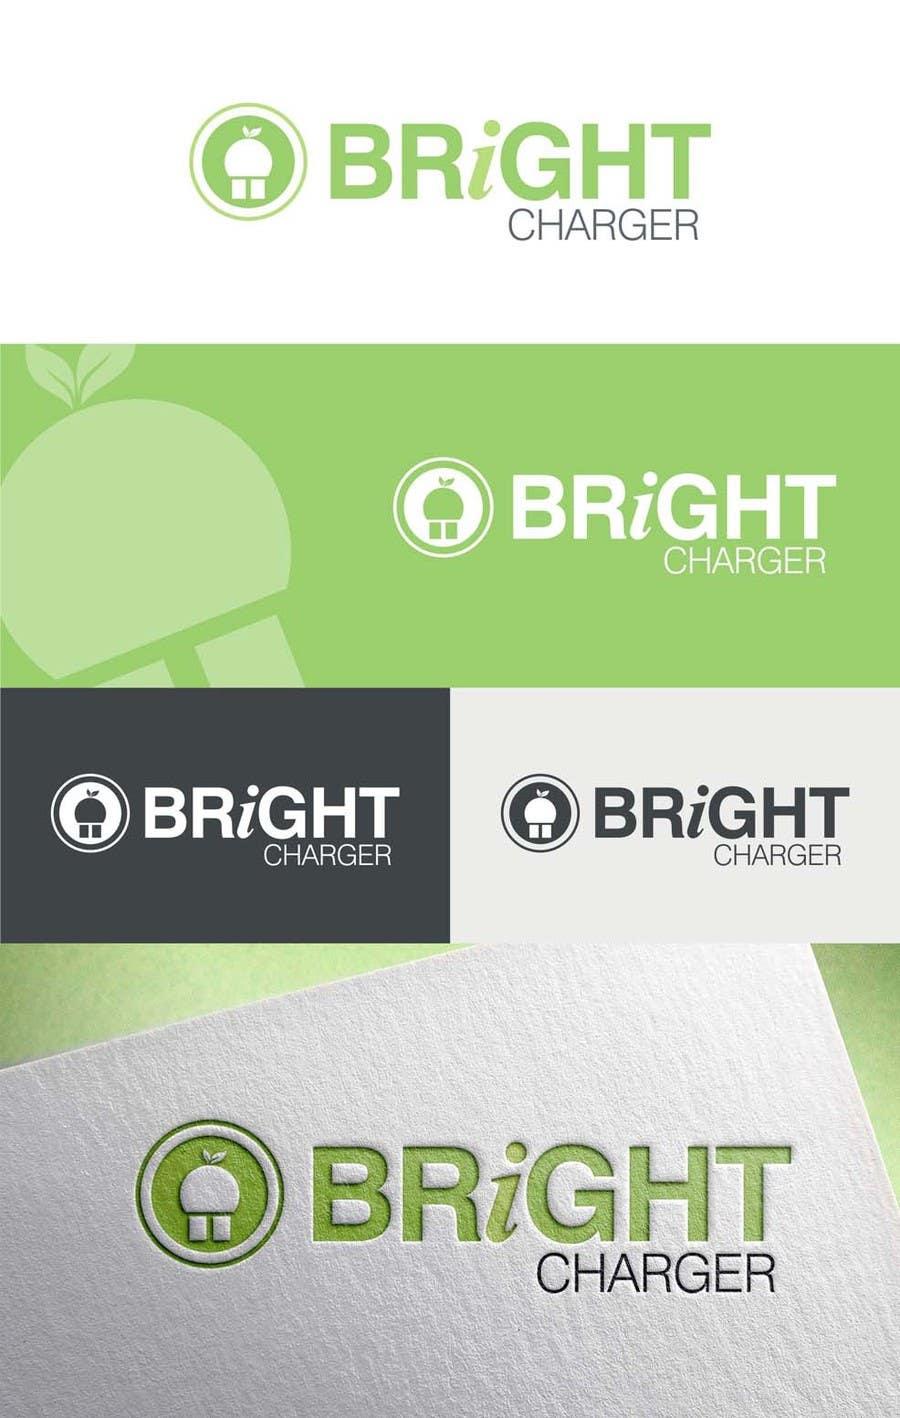 Inscrição nº 254 do Concurso para Design a Logo for BrightCharger